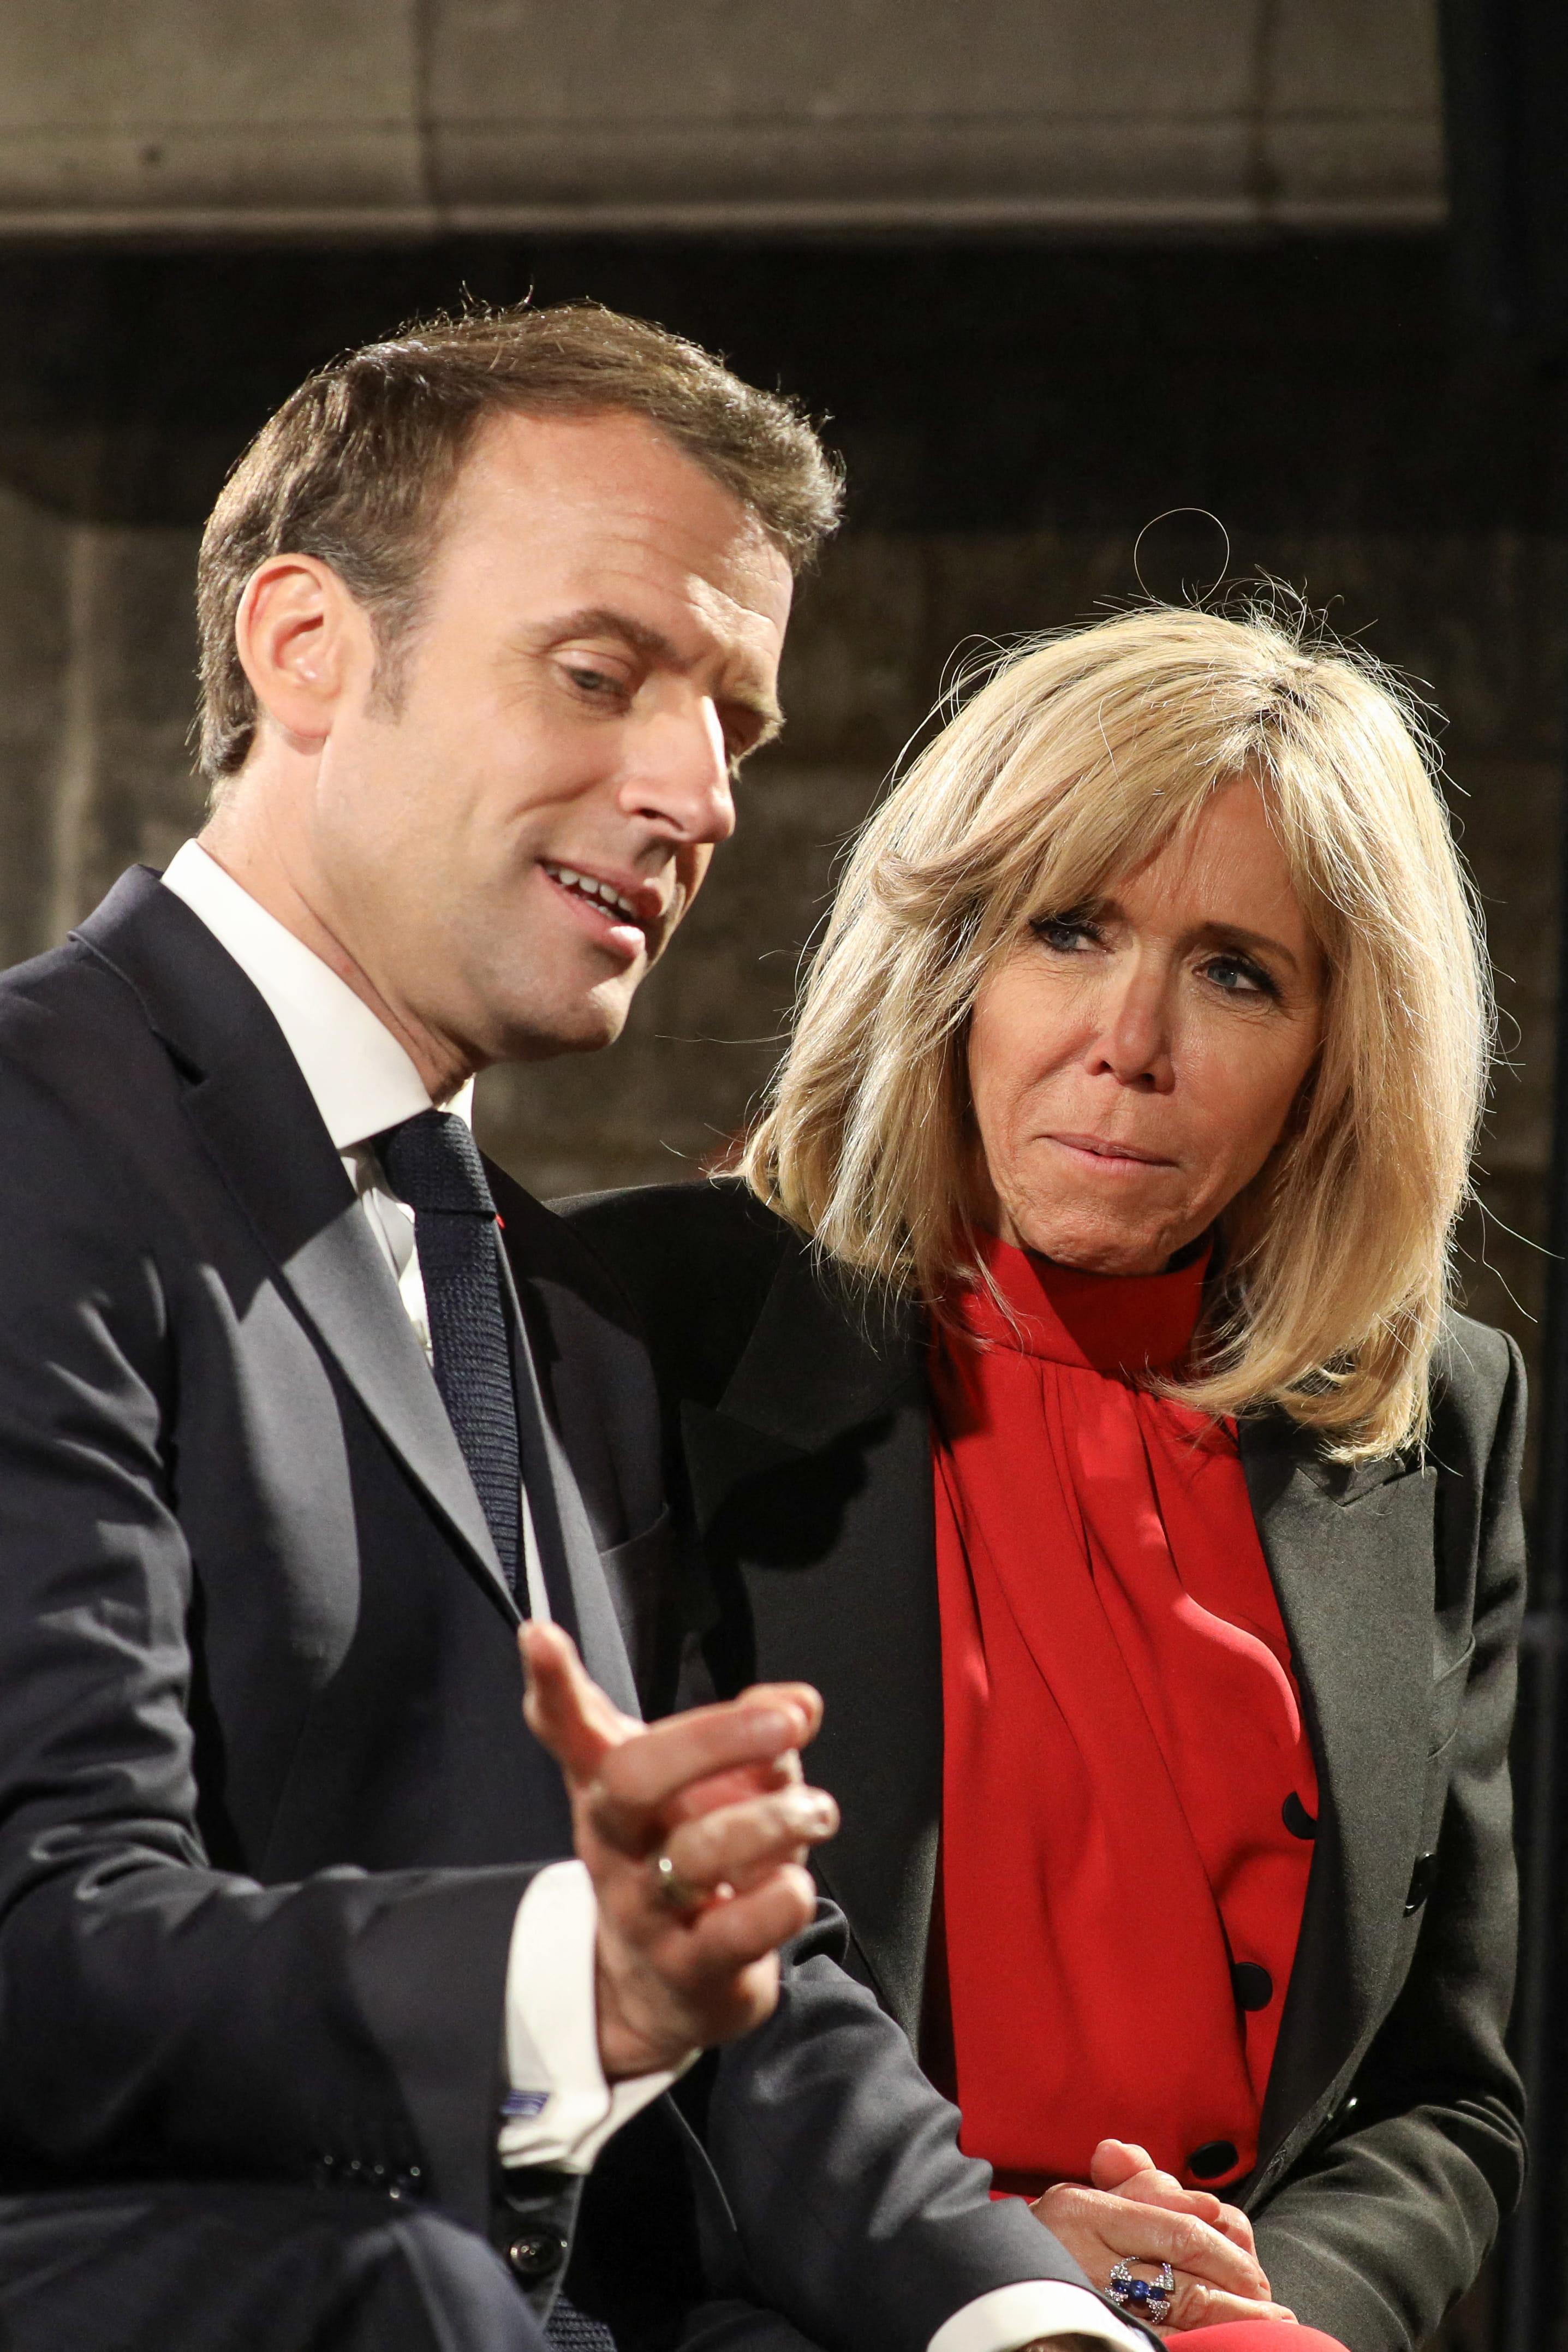 Emmanuel Macron Constamment Recadre Par Sa Femme